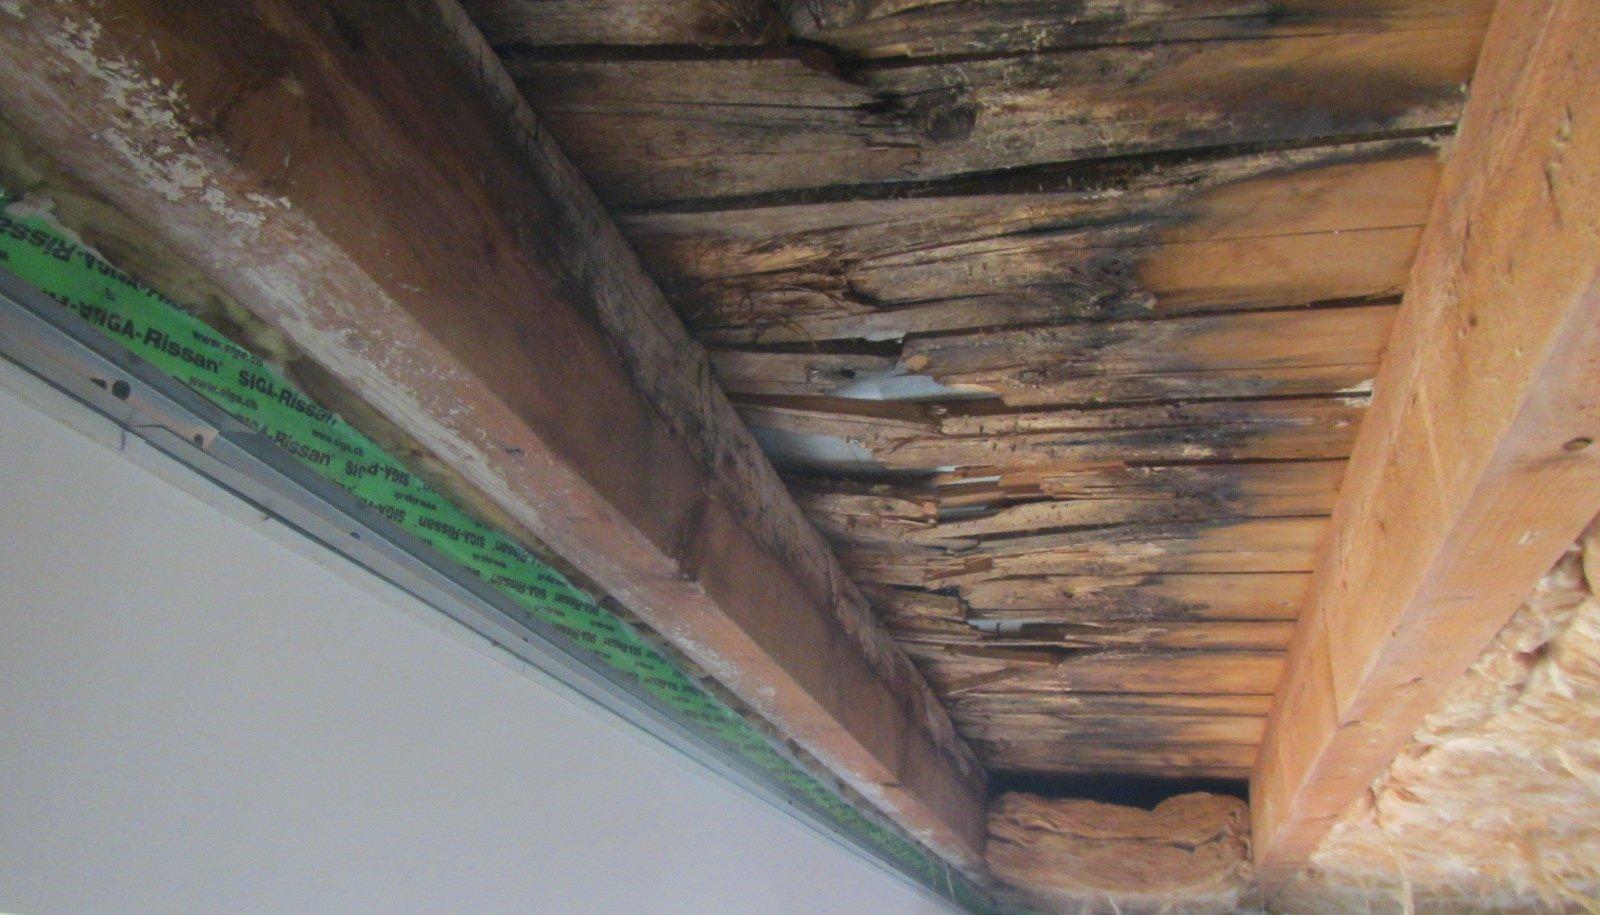 Holzflachdach-unten Schaden durch Pilzbefall an Sparren und Dachschalung